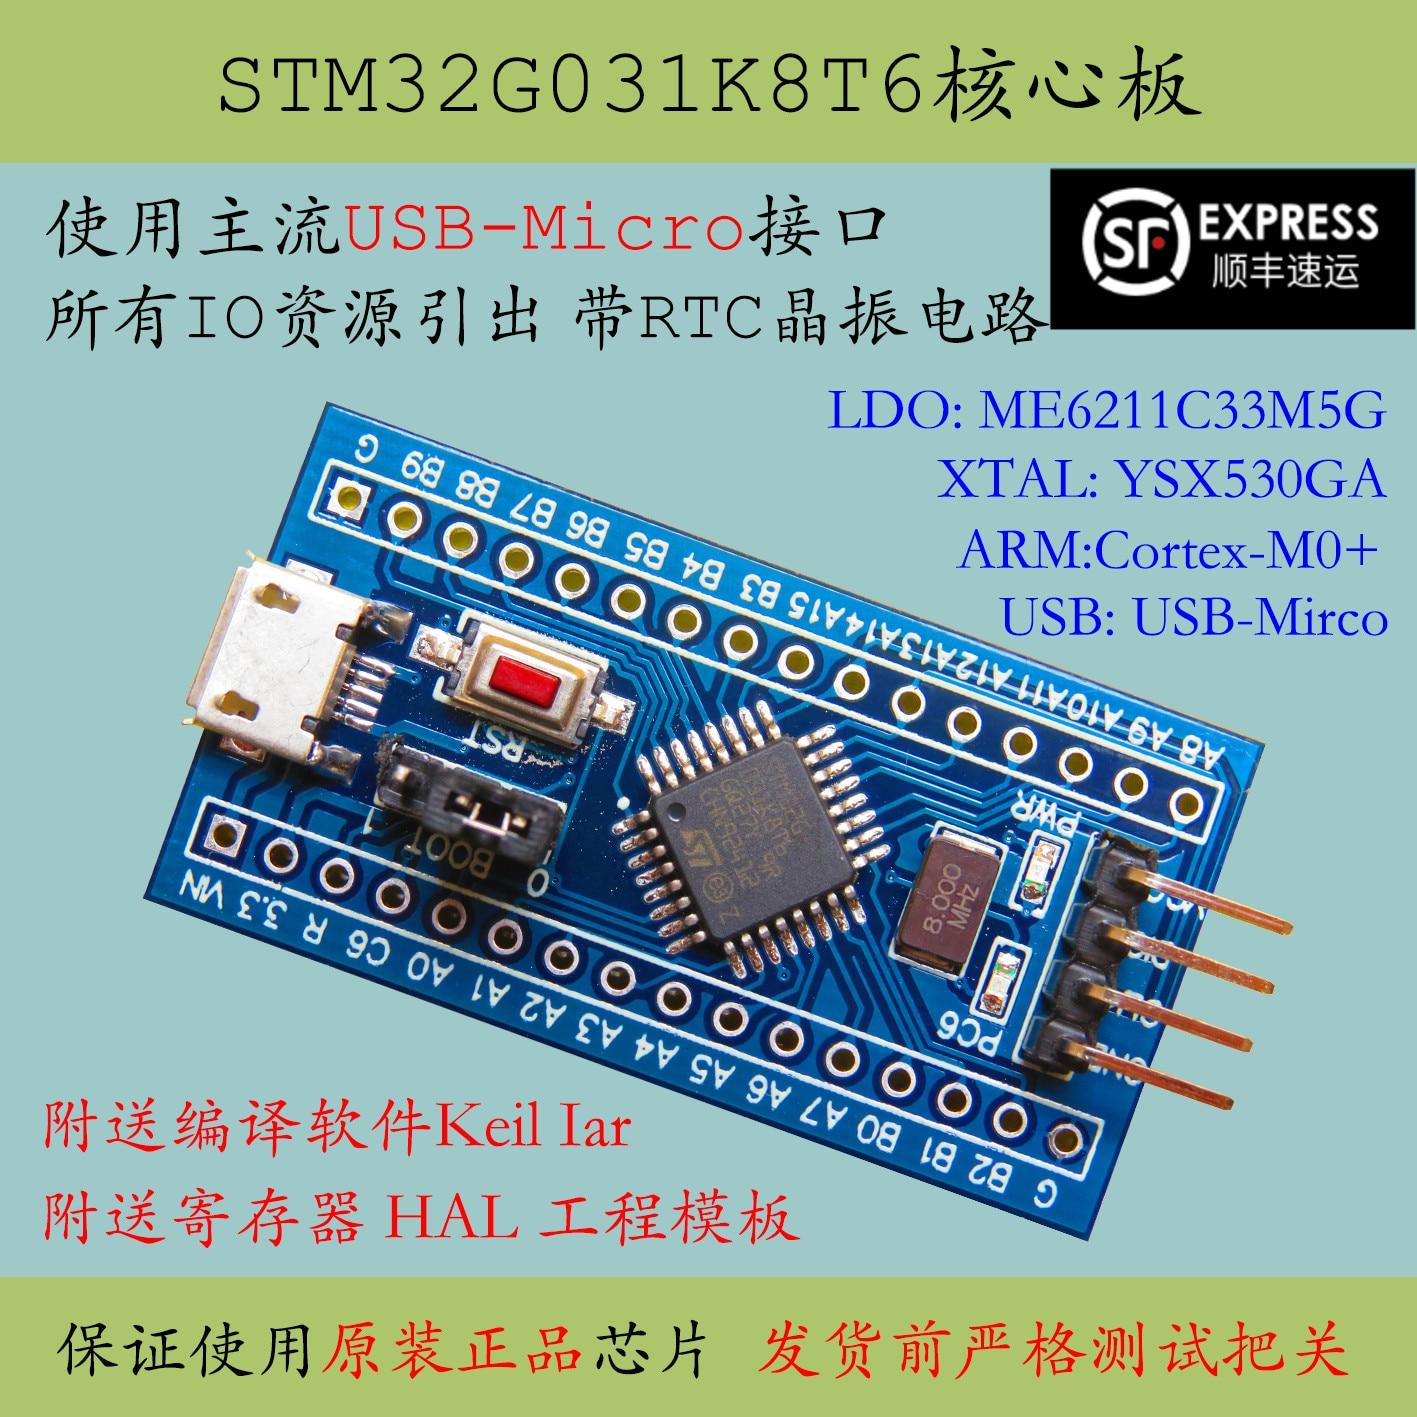 Stm32g031 Core Board Stm32g031k8t6 Minimum System Cortex-M0 New G0 Development Board